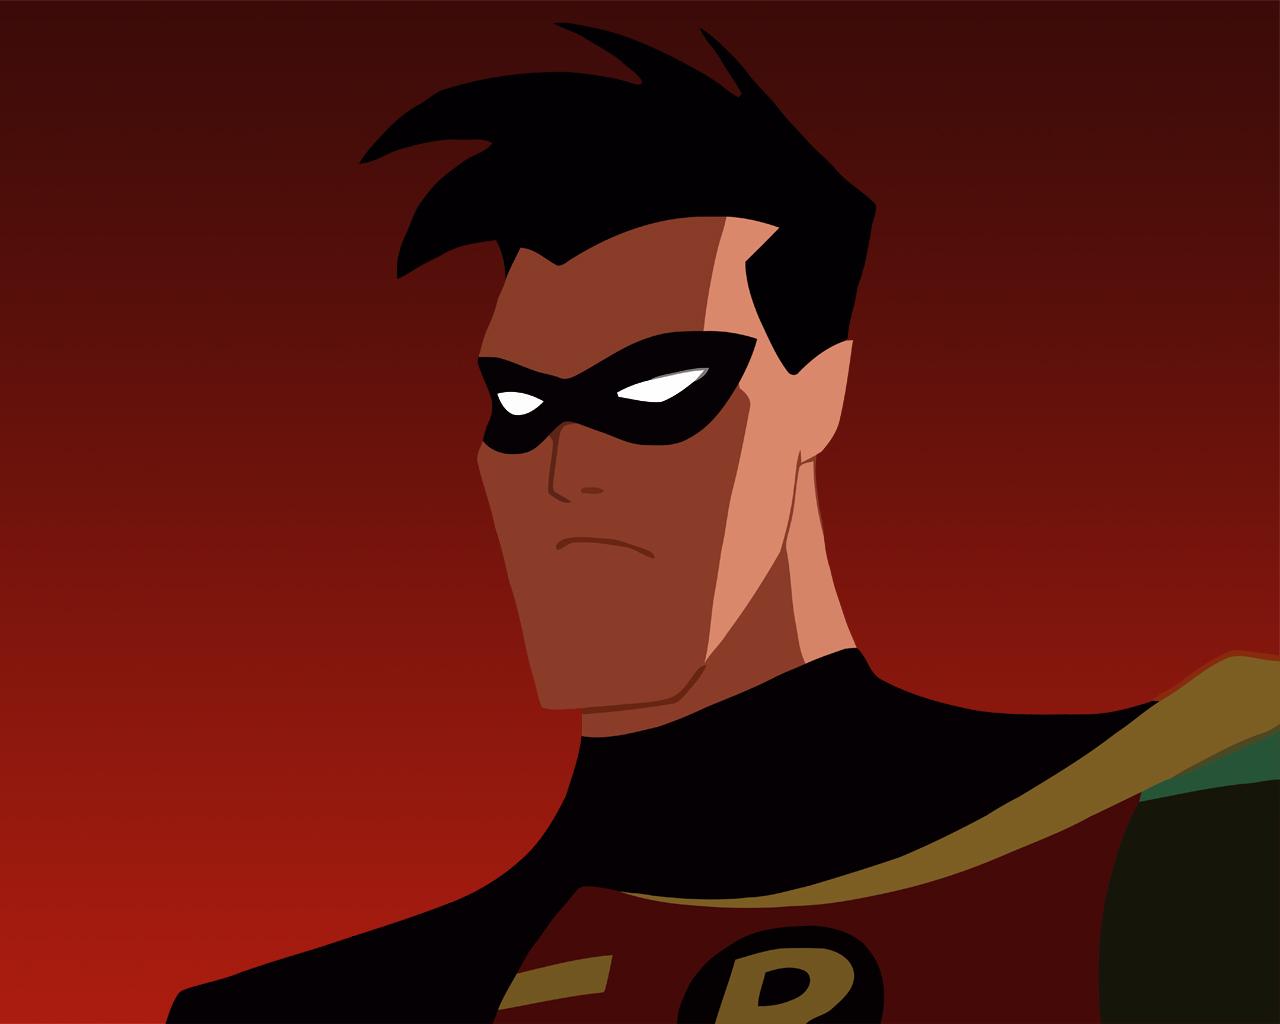 robin batman wallpaper